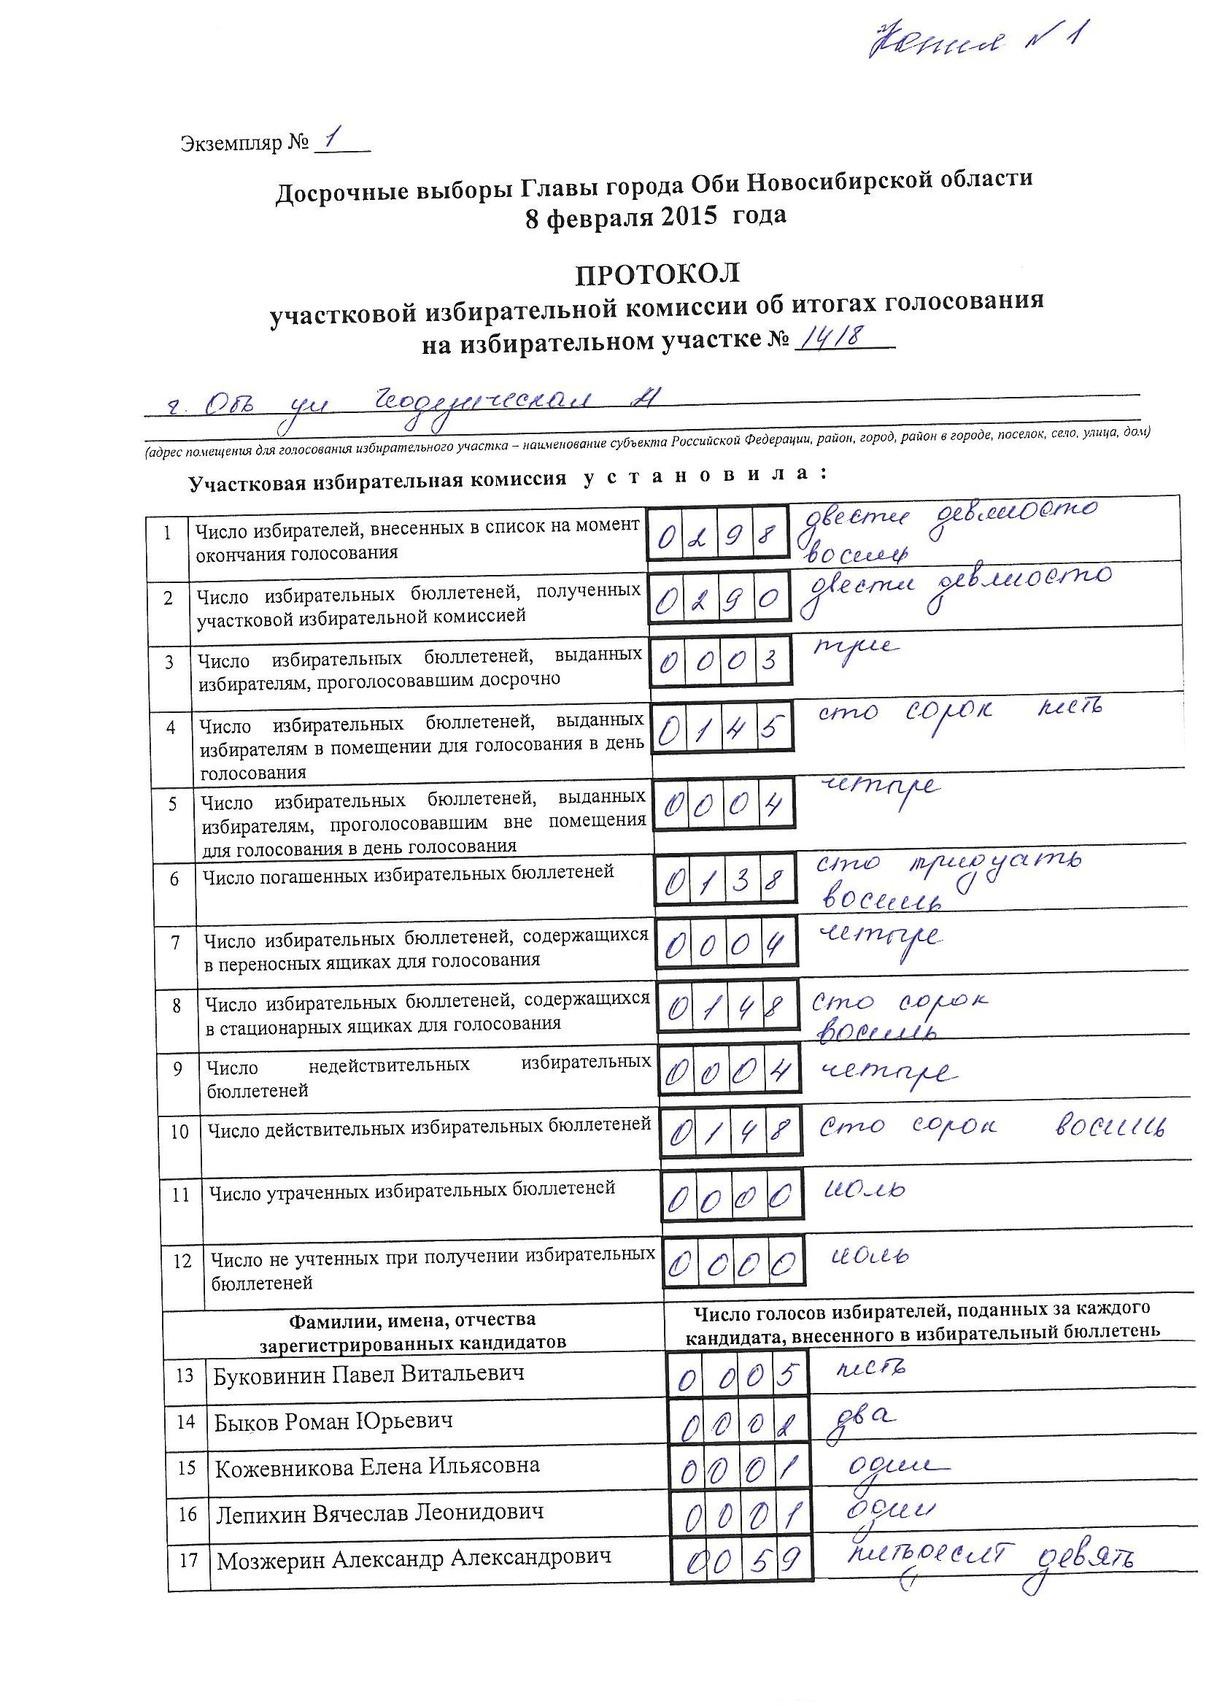 УИК №1418_1